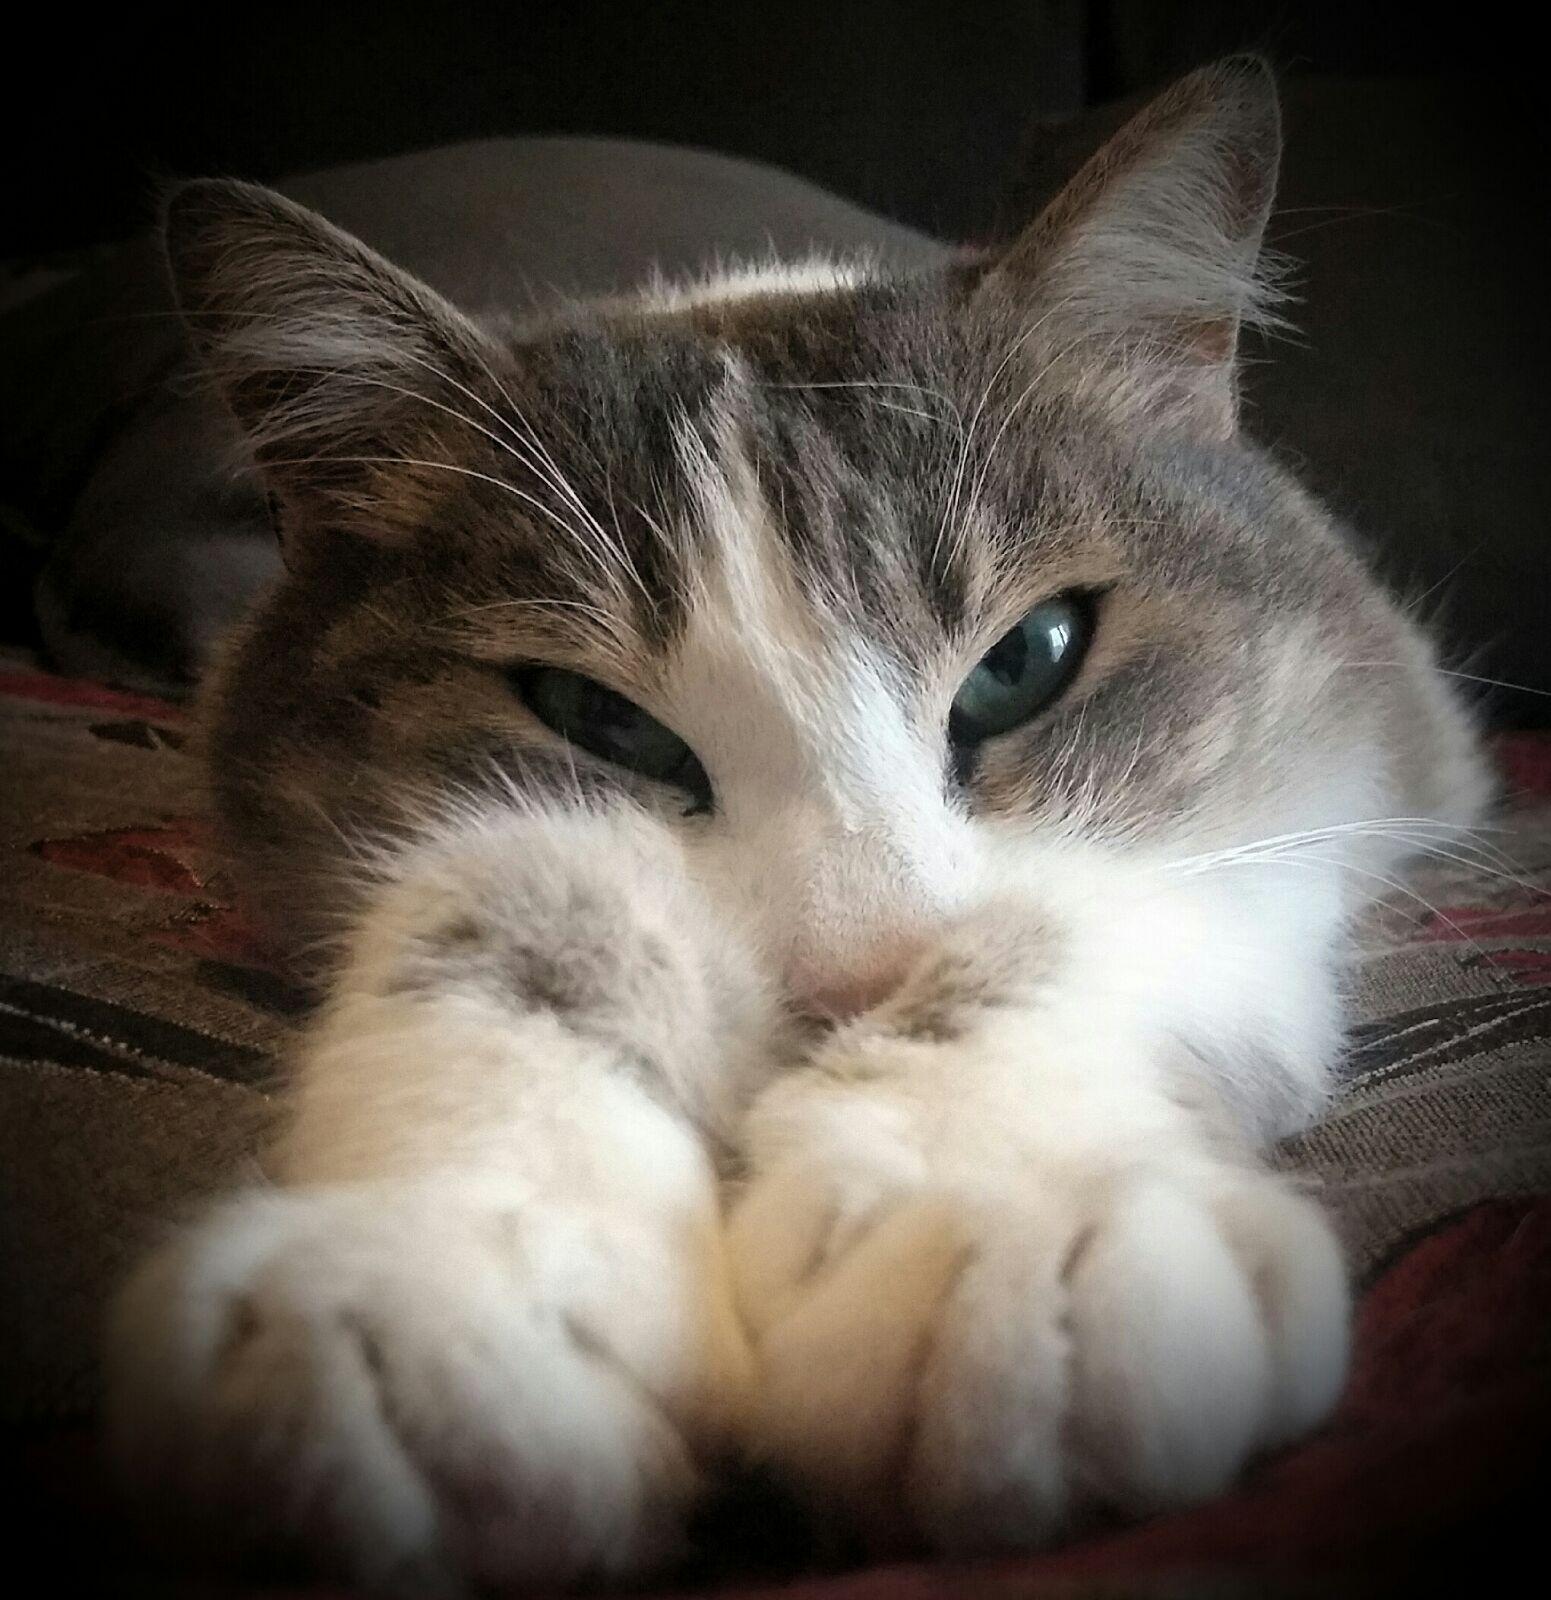 perdita di peso e minzione frequente nei gatti